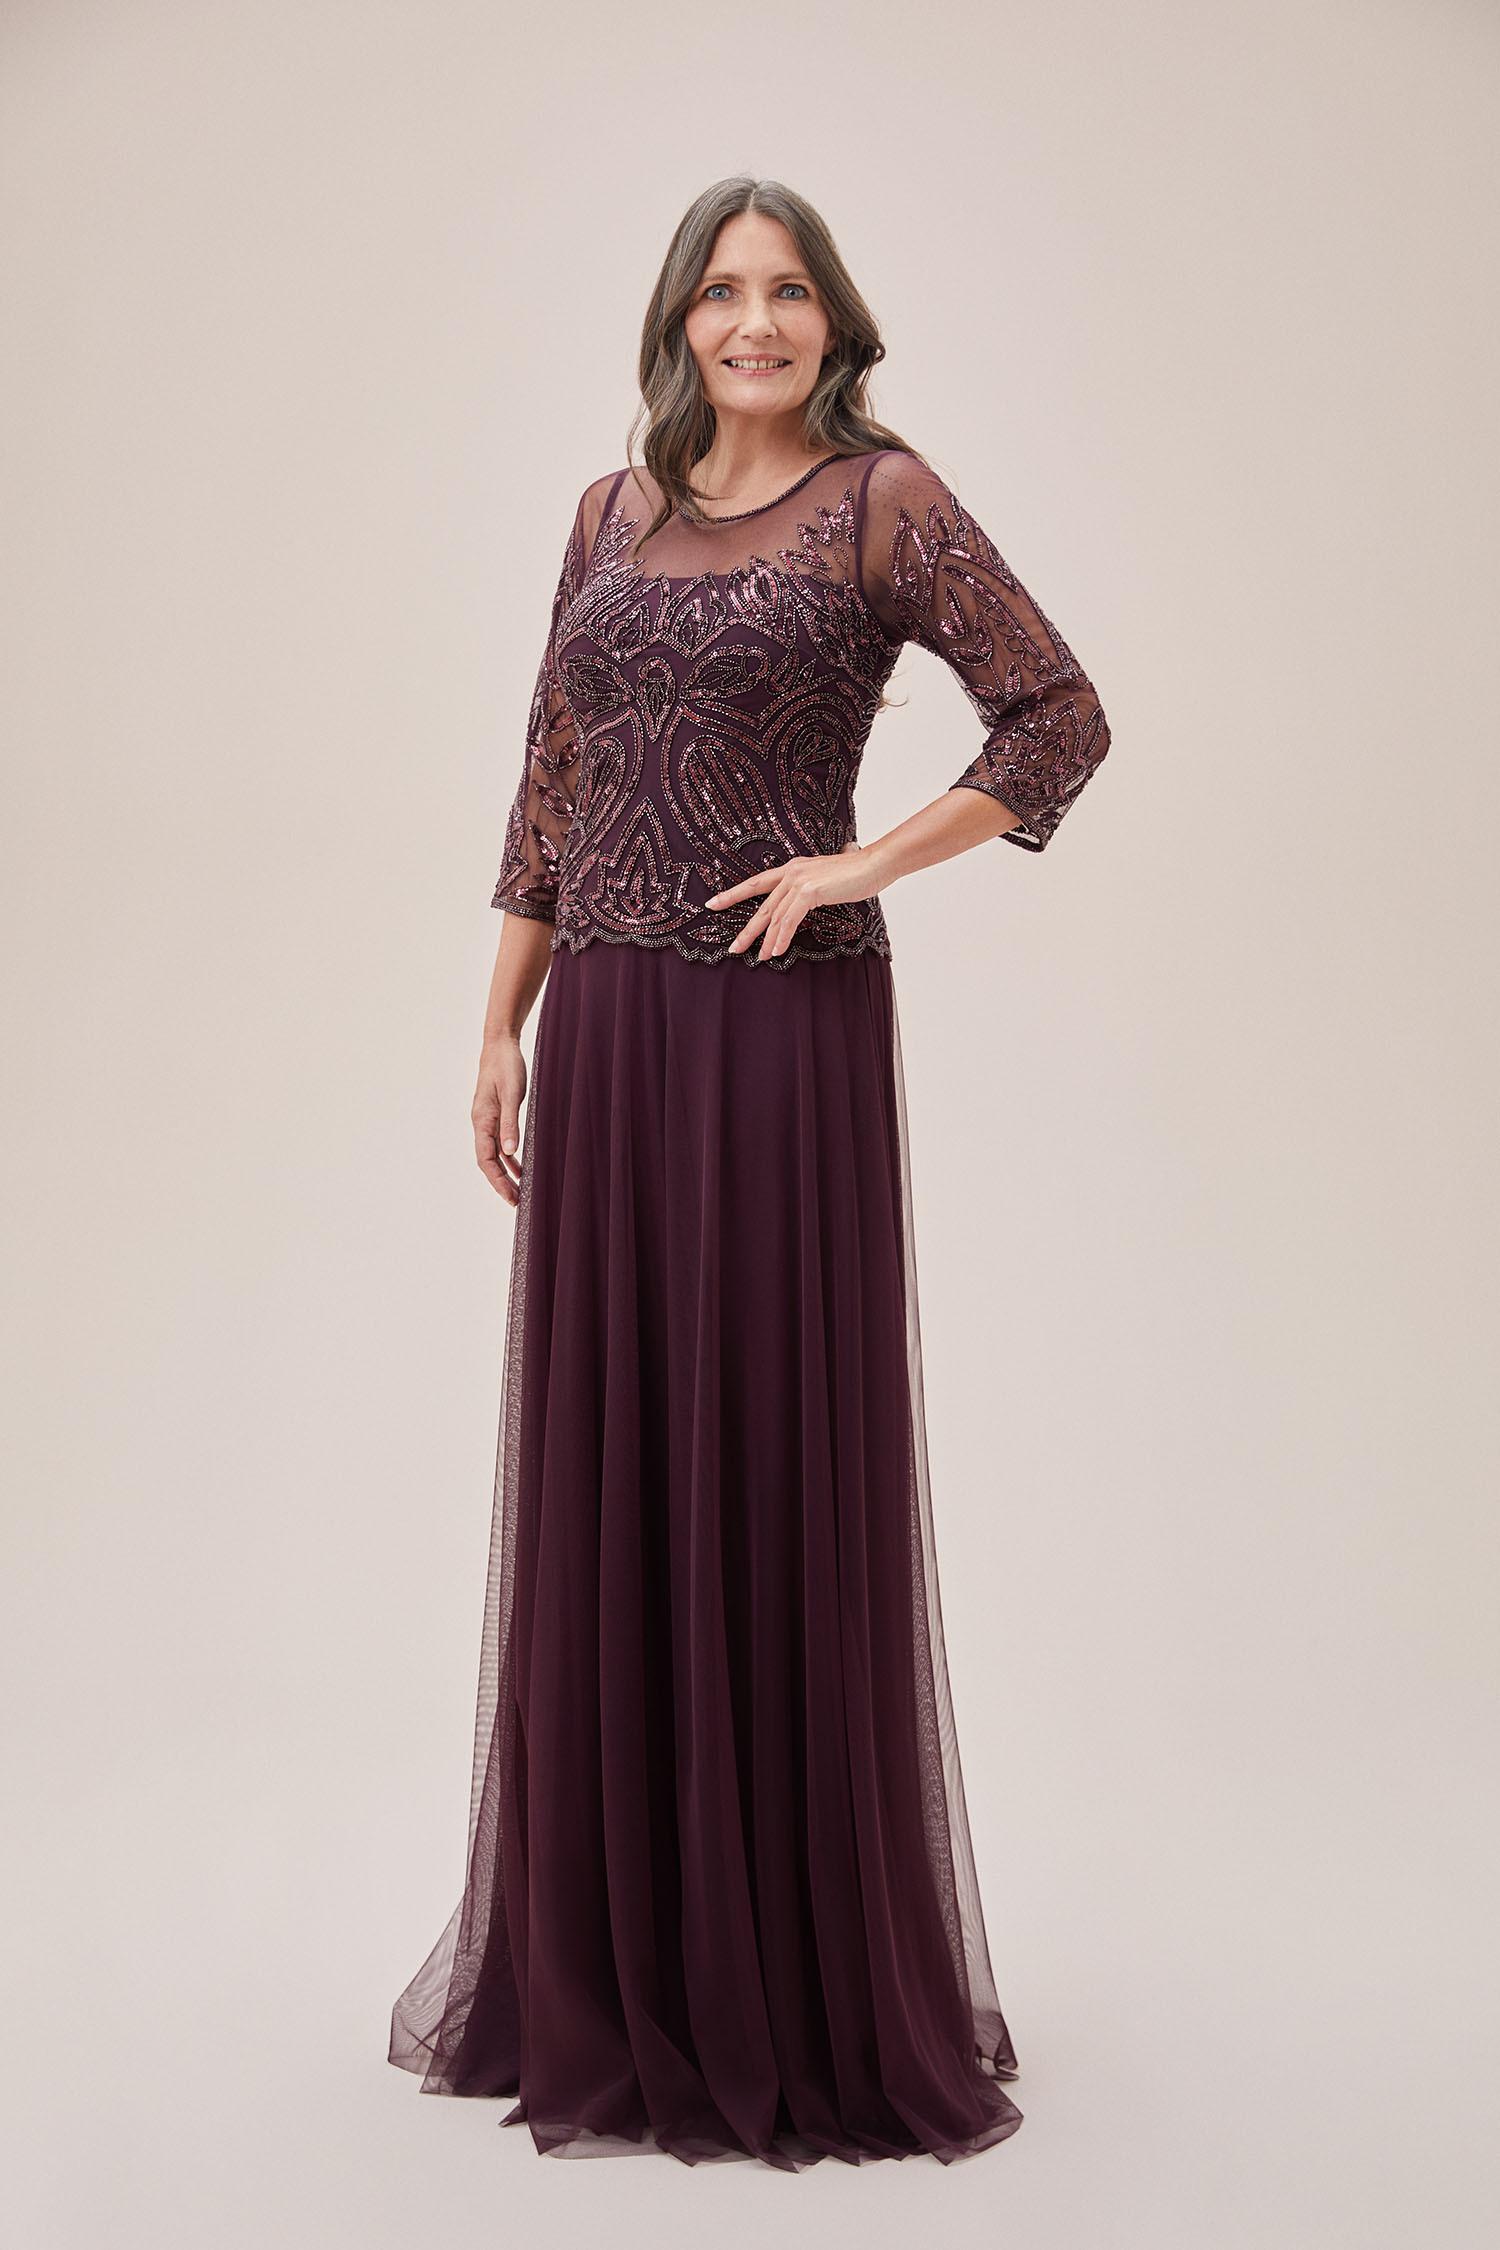 Mürdüm Rengi Pul İşlemeli Uzun Kollu Abiye Elbise - Thumbnail